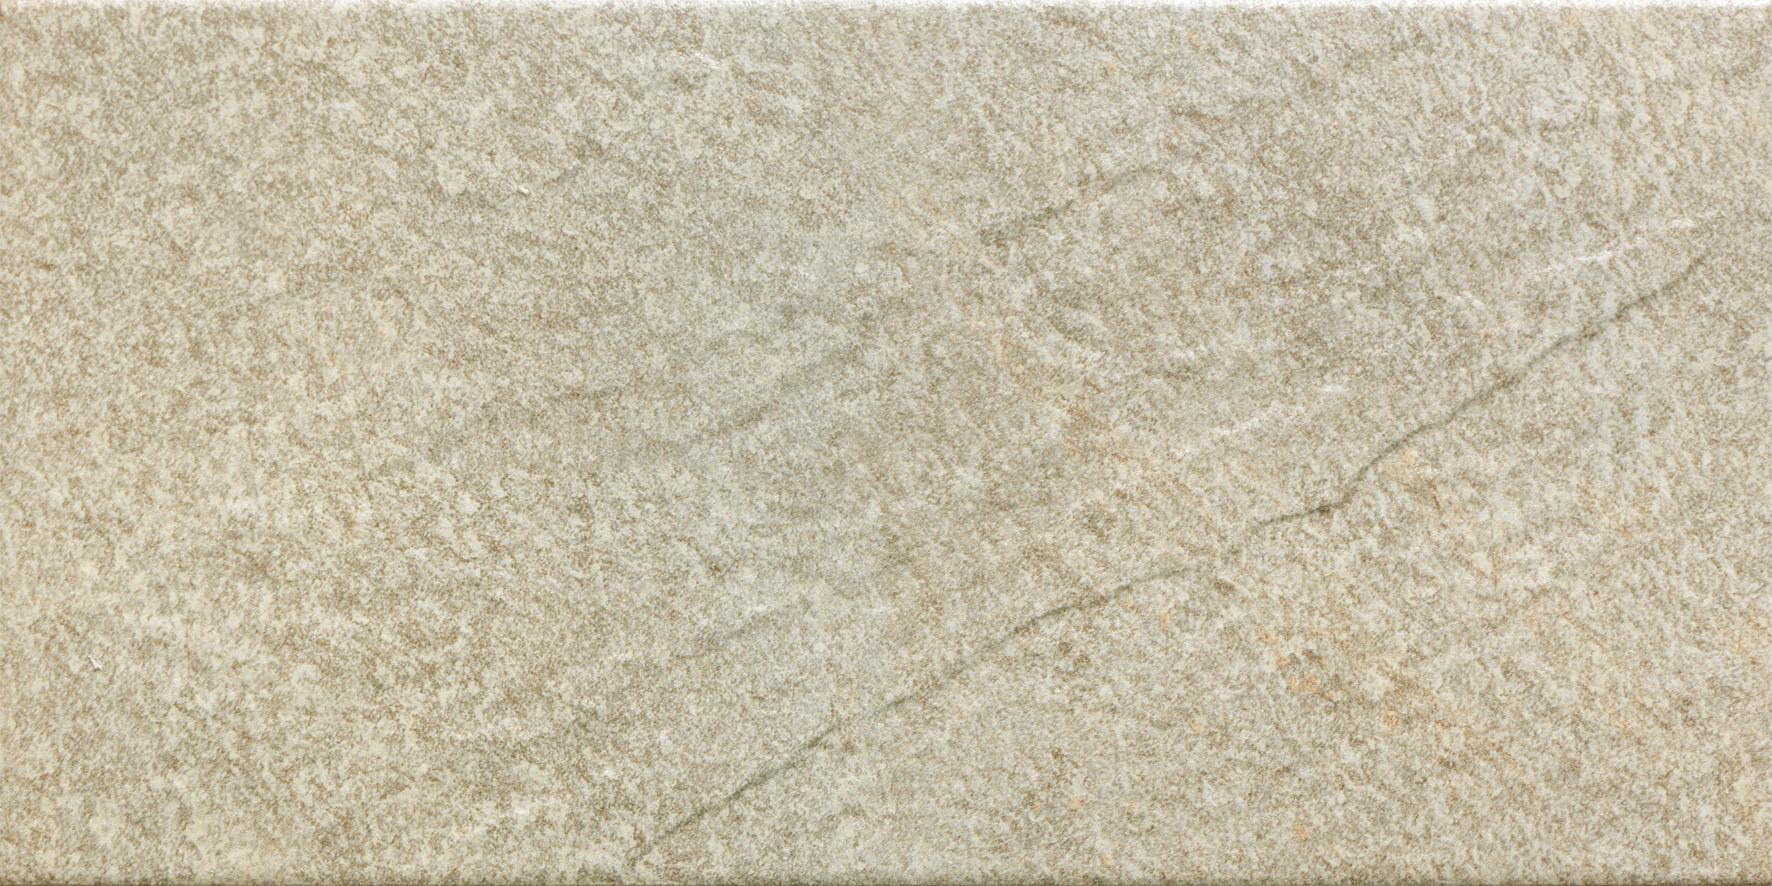 20x40,4 Outline Quarzite